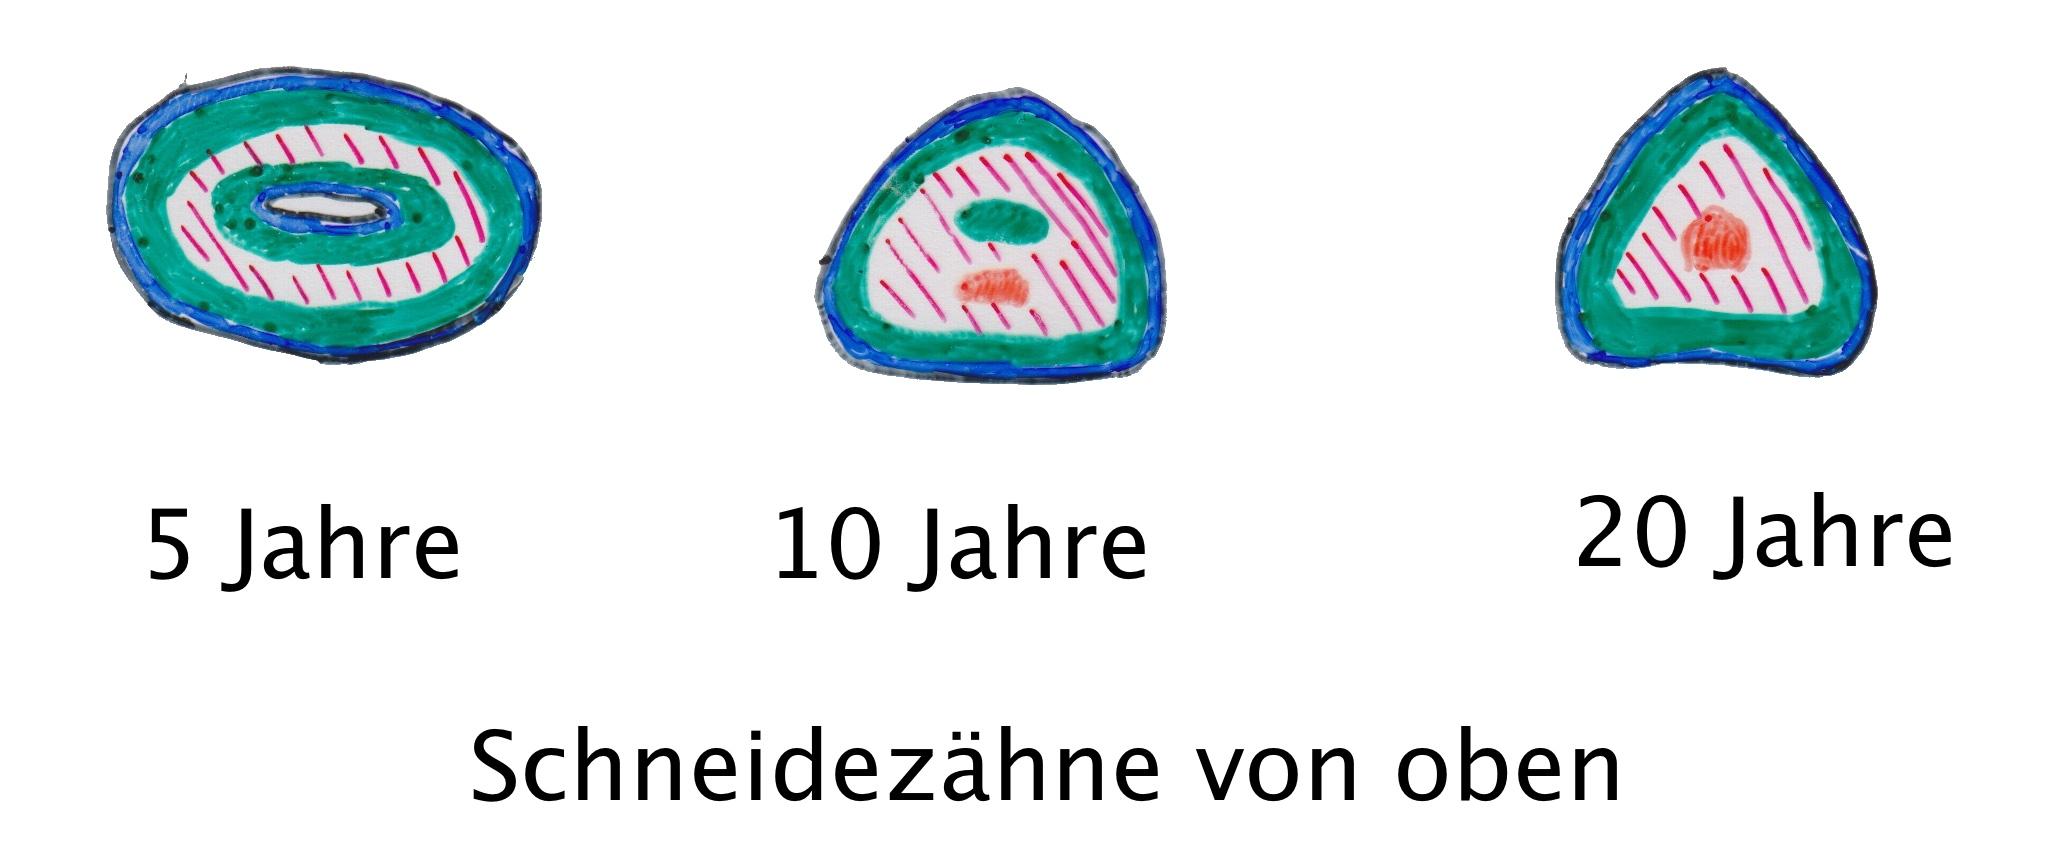 Berühmt Pferd Zähne Anatomie Ideen - Anatomie Von Menschlichen ...